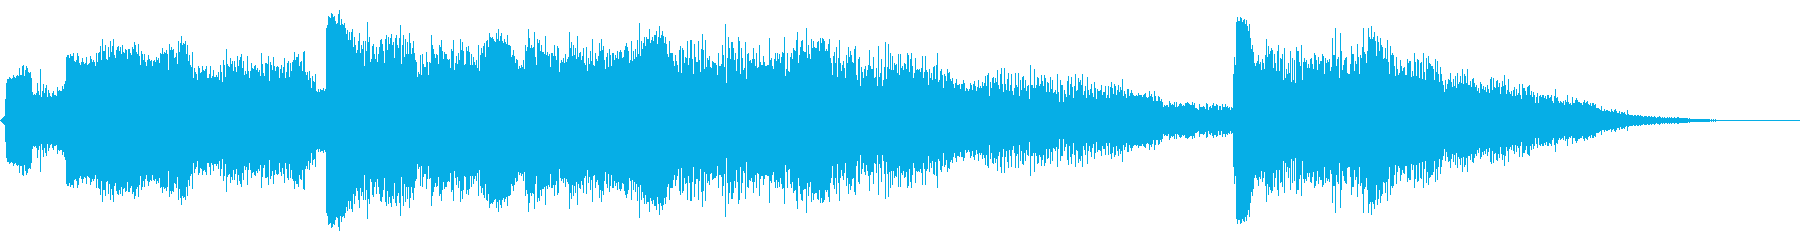 ビッグシンセグライドアクセント13の再生済みの波形